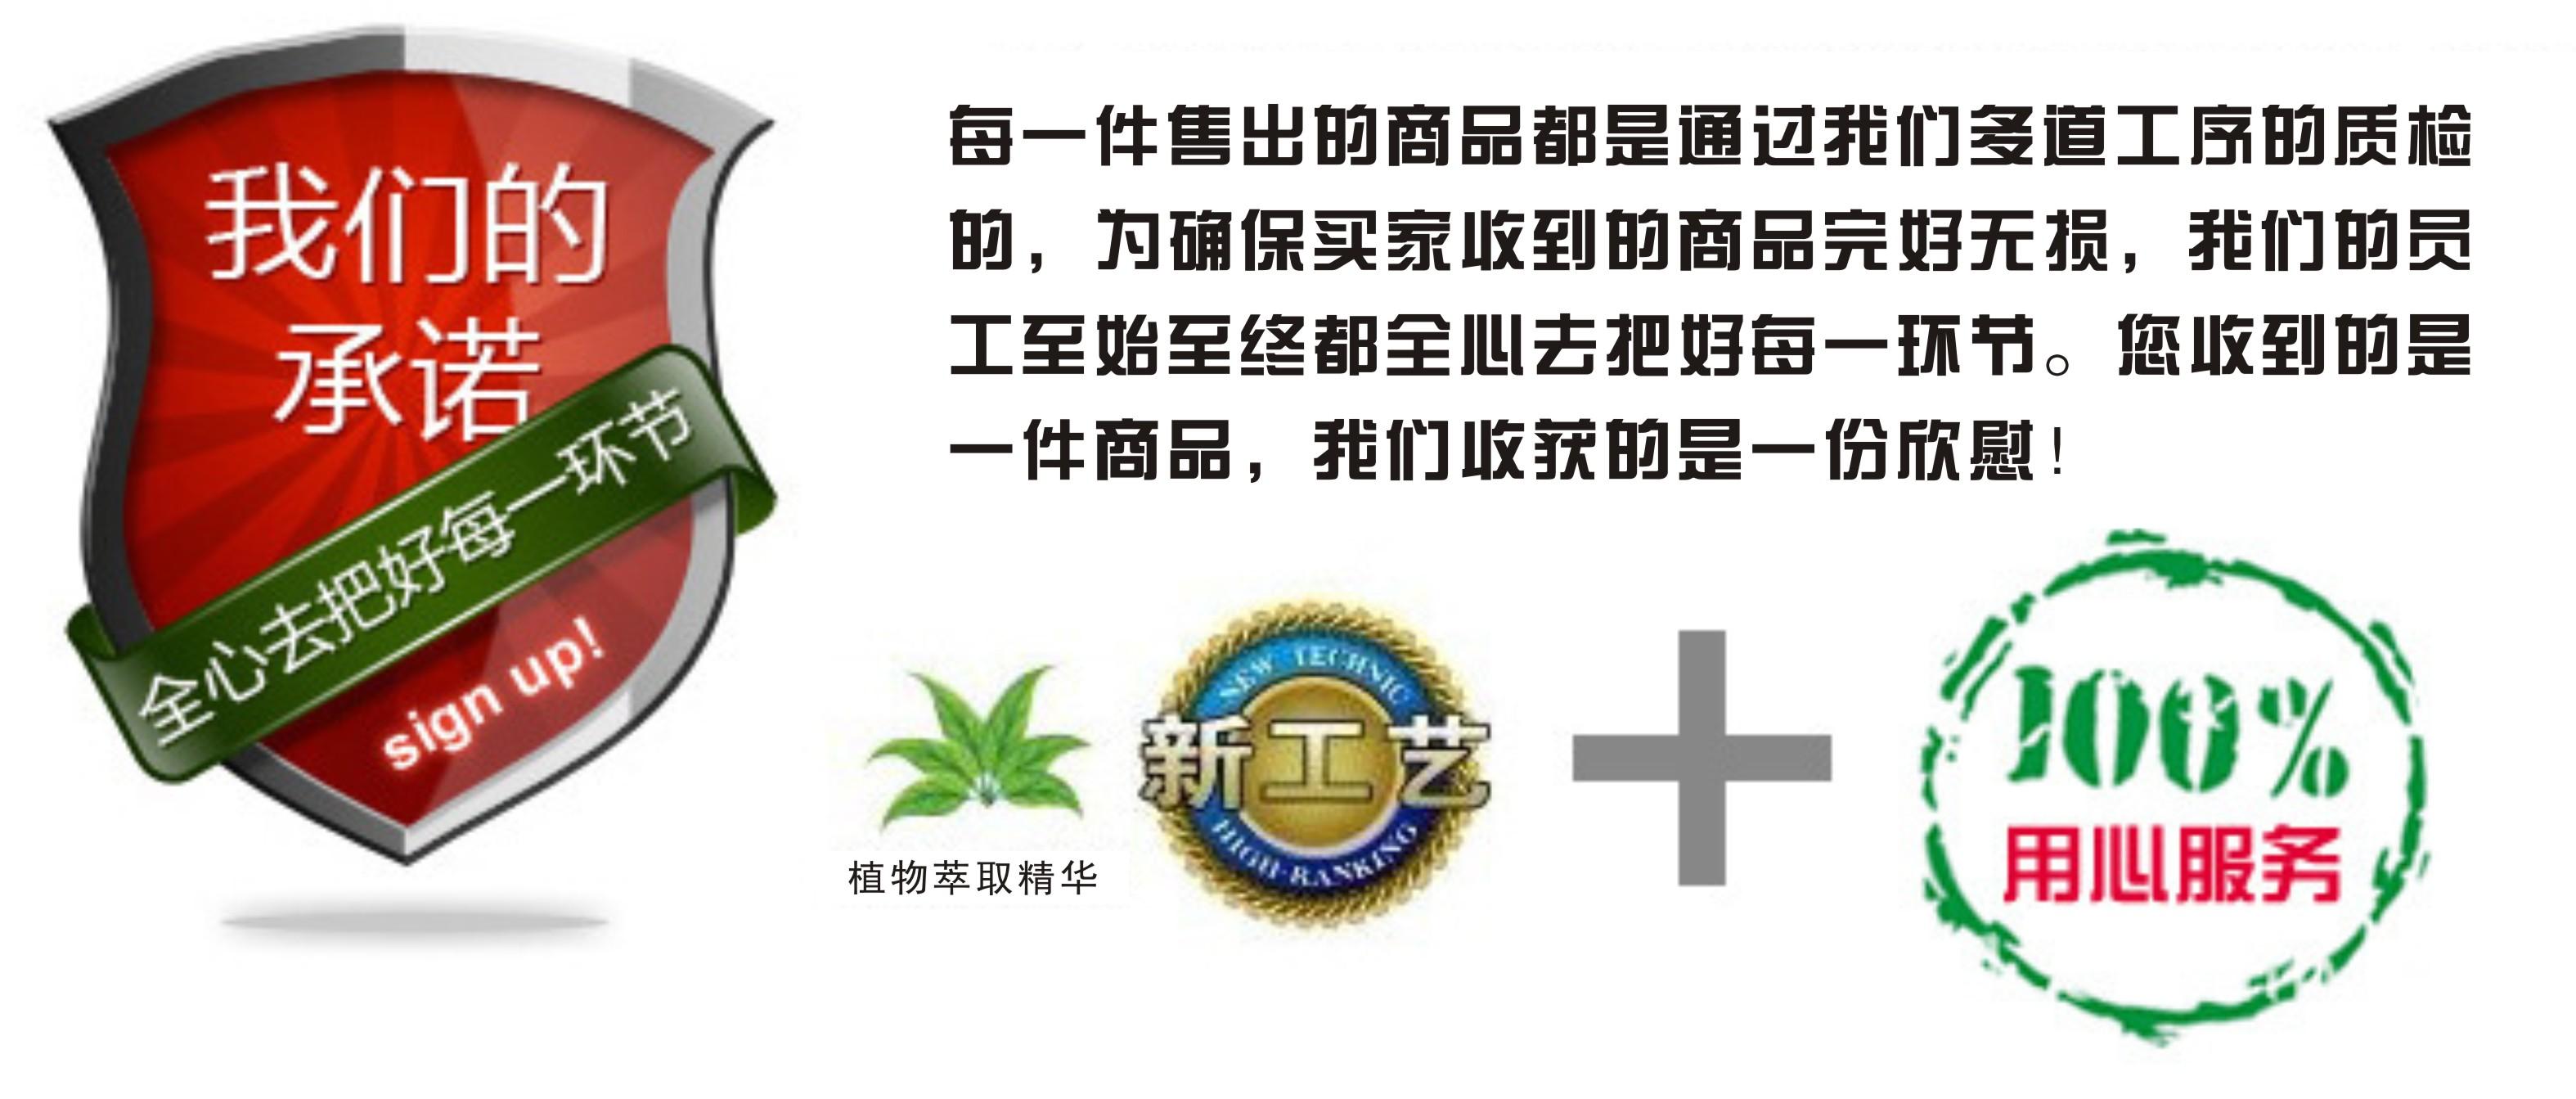 迷迭香提取物  鼠尾草酸  纯植物提取物示例图11